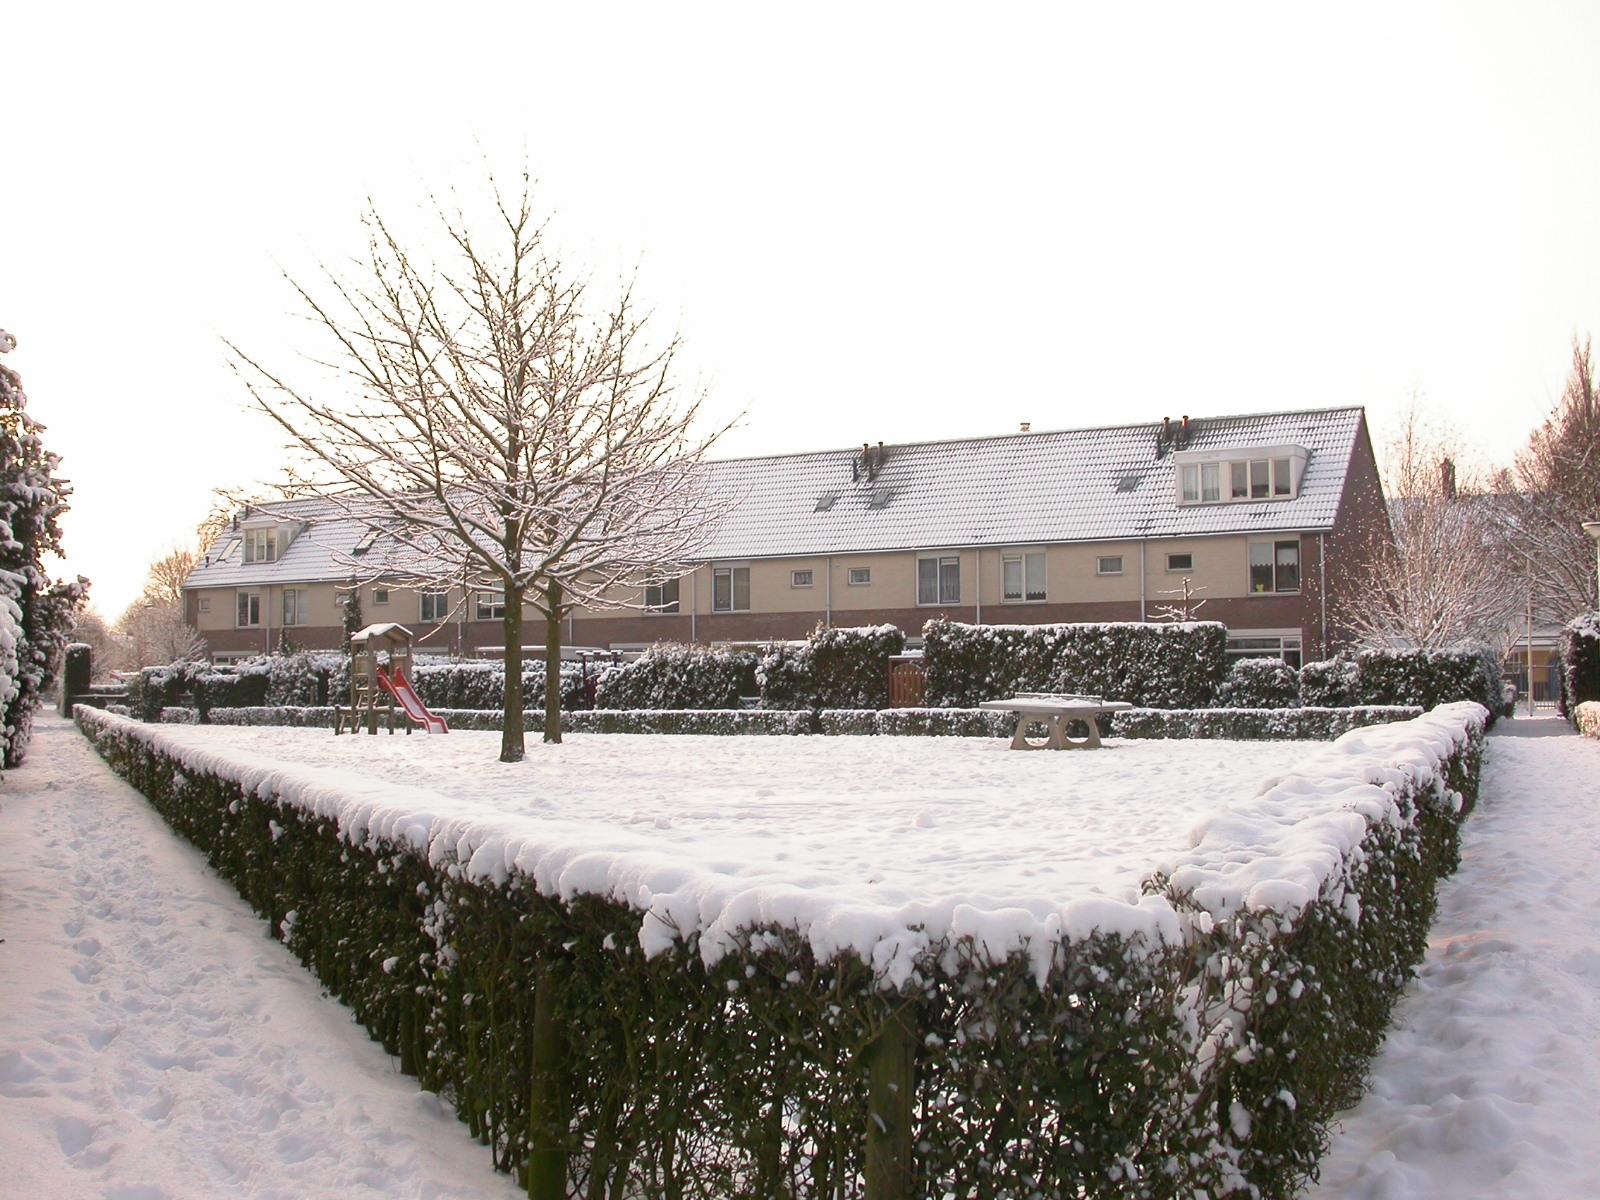 eva park houses snow winter blanket cold white slide bushes free